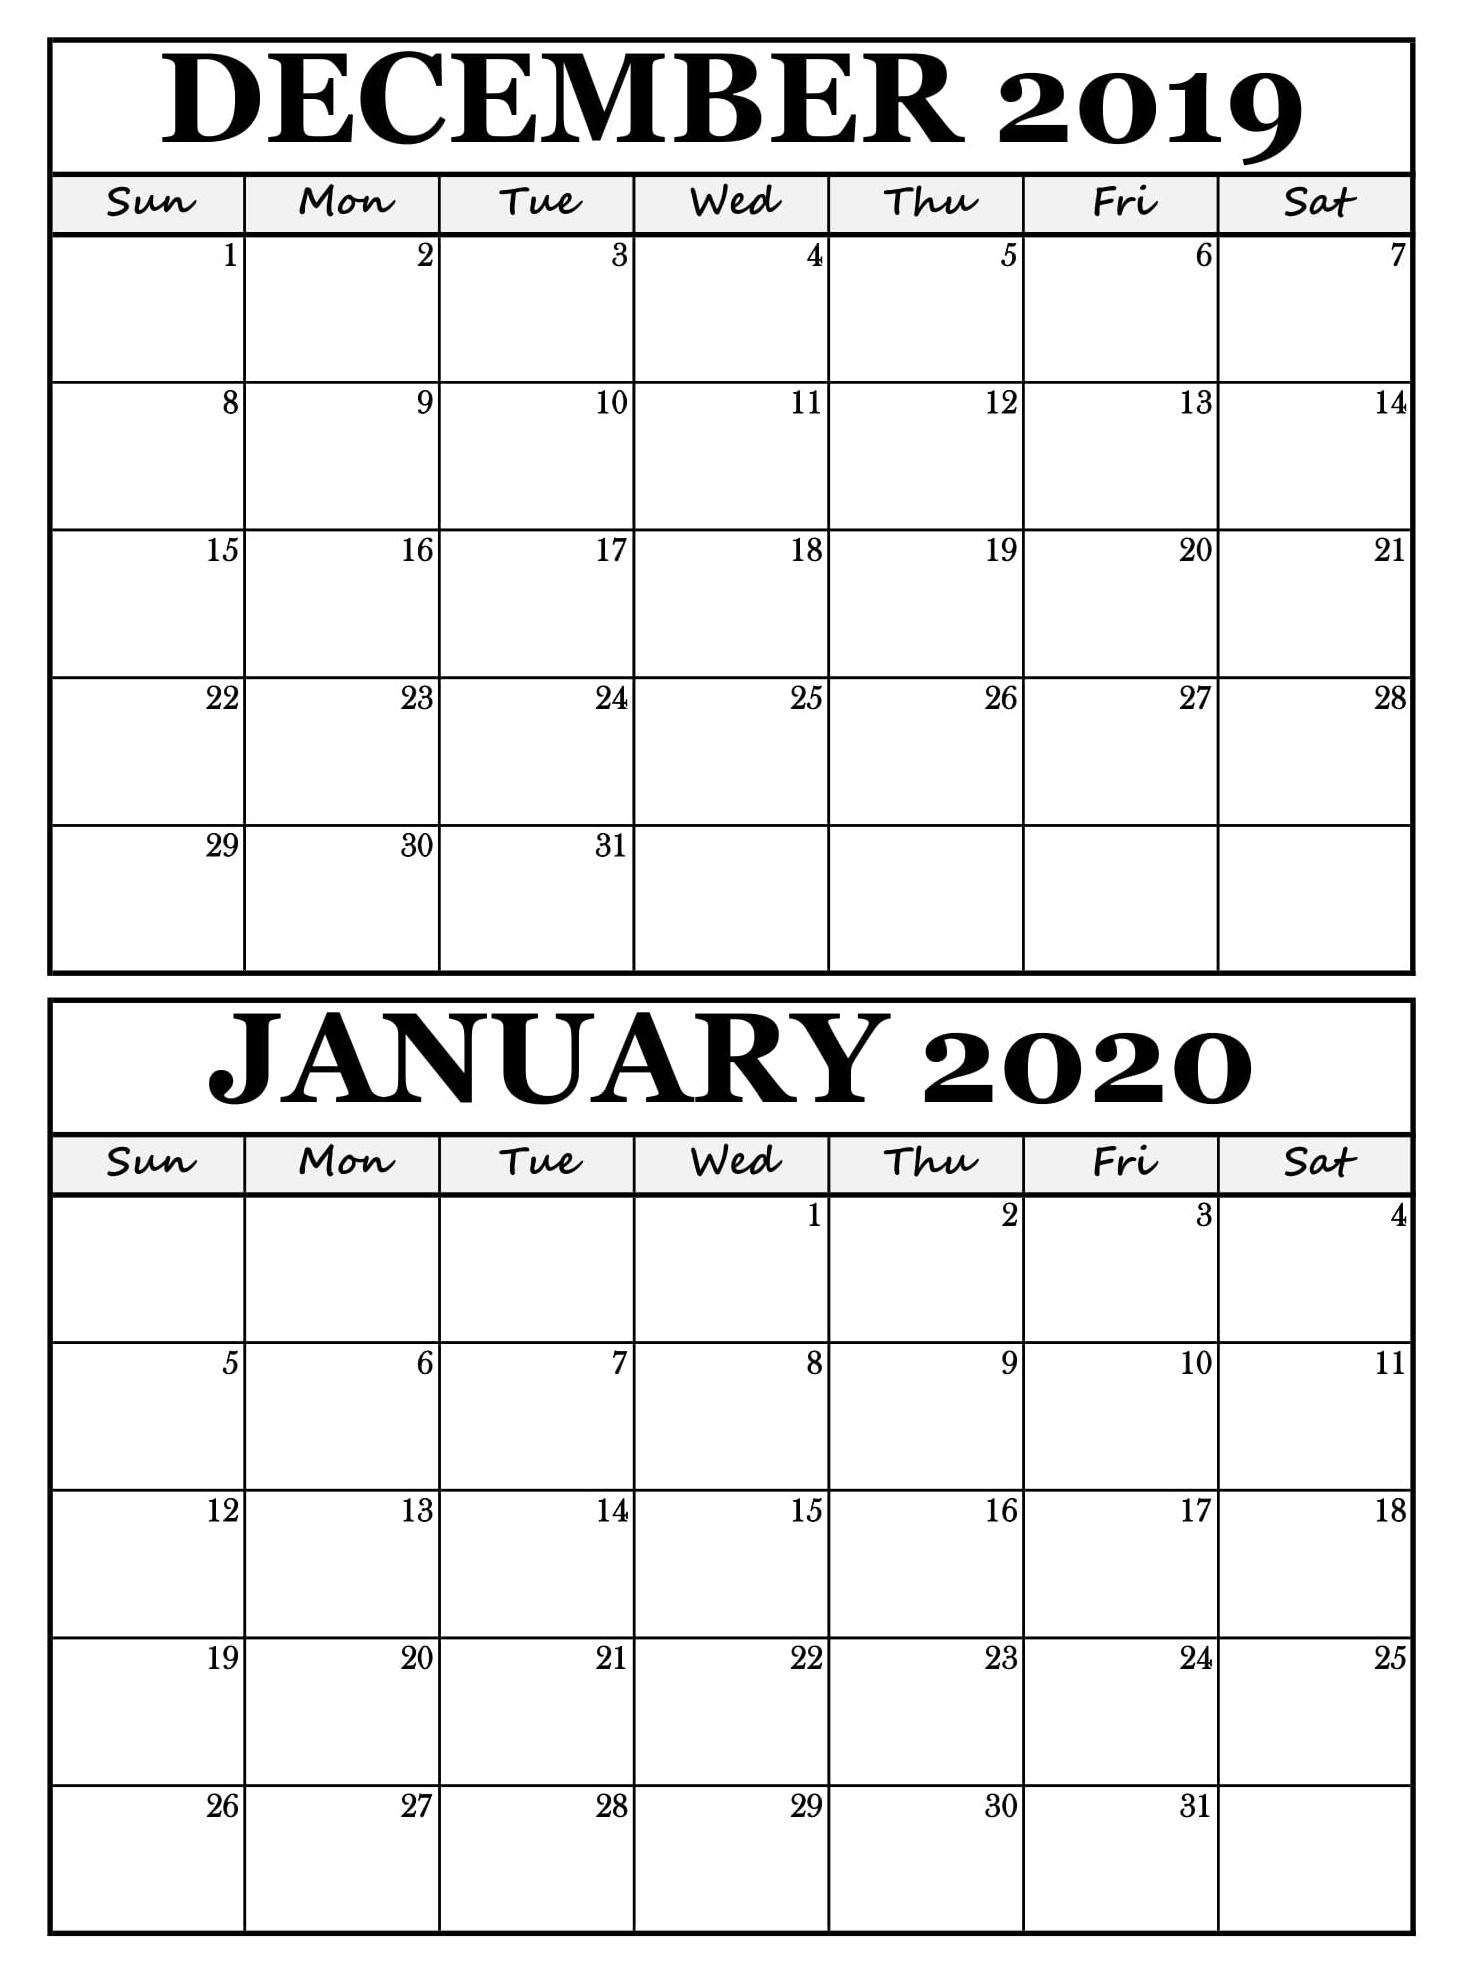 Vacation Schedule Template December 2020 Calendar 2020 1